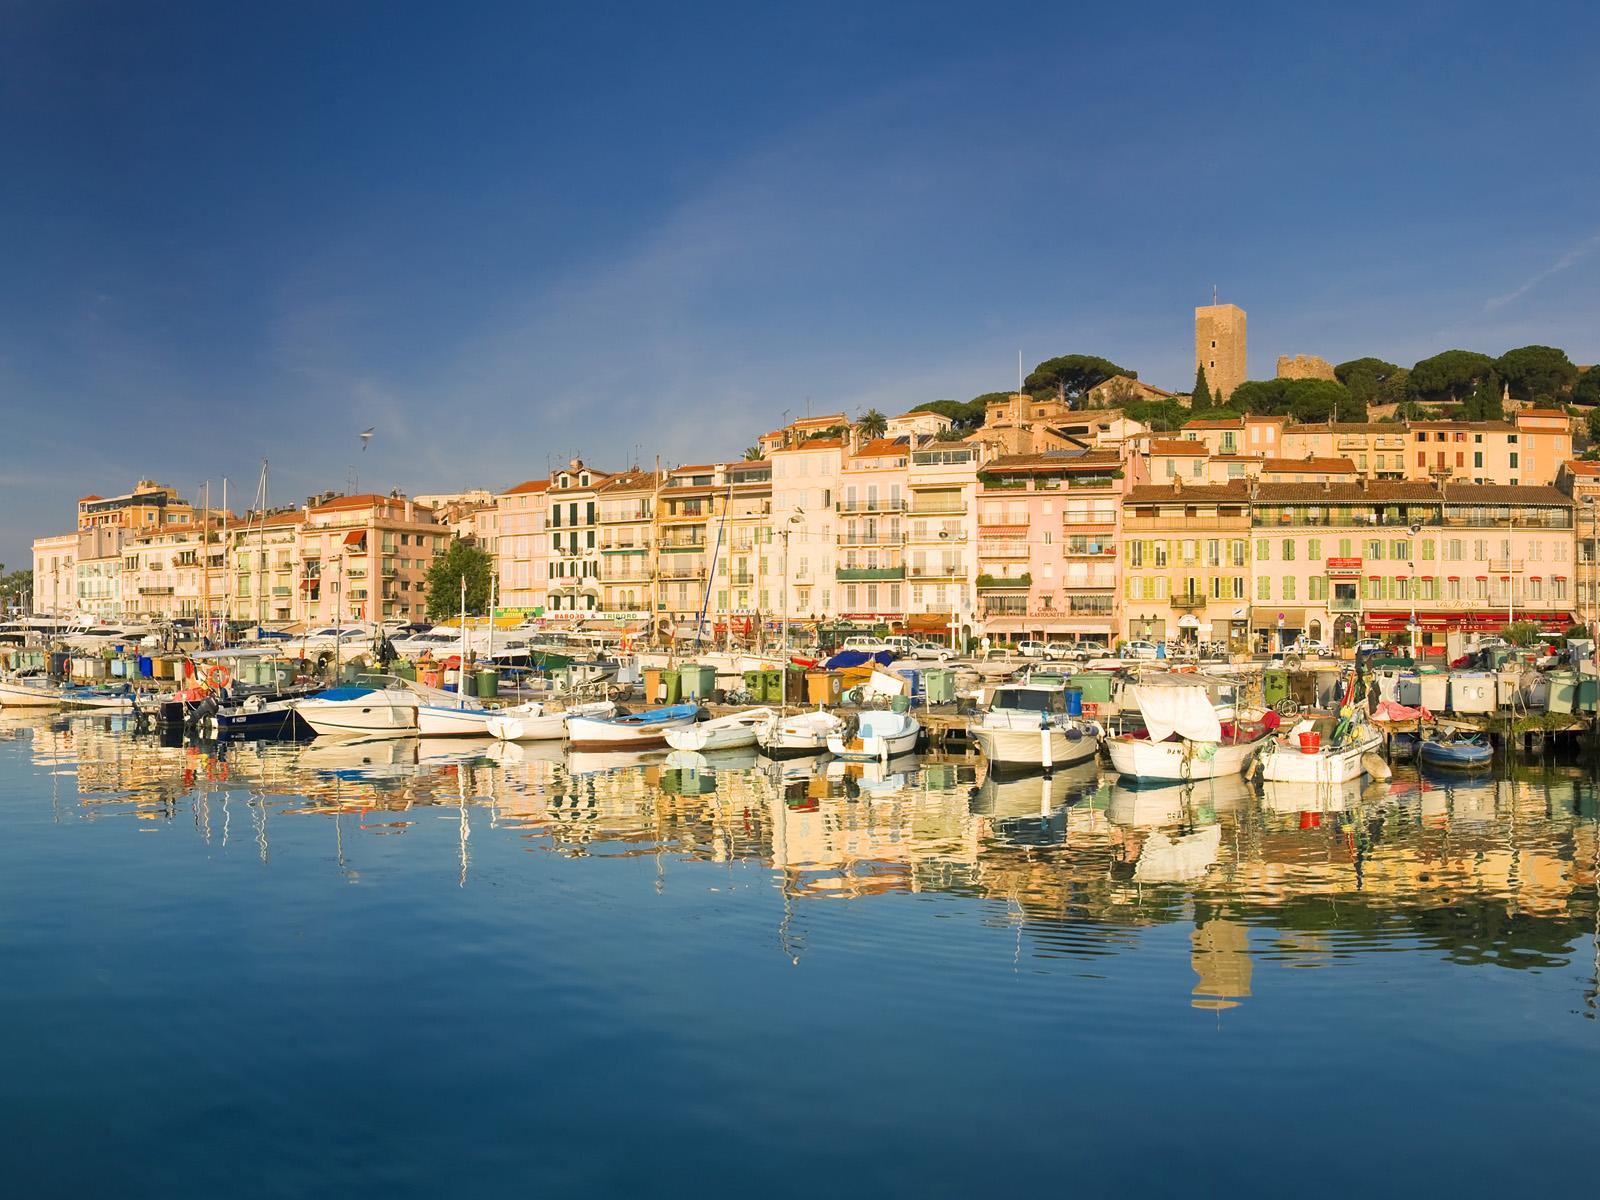 Vieux Port and old quarter of Le Suquet, Cannes